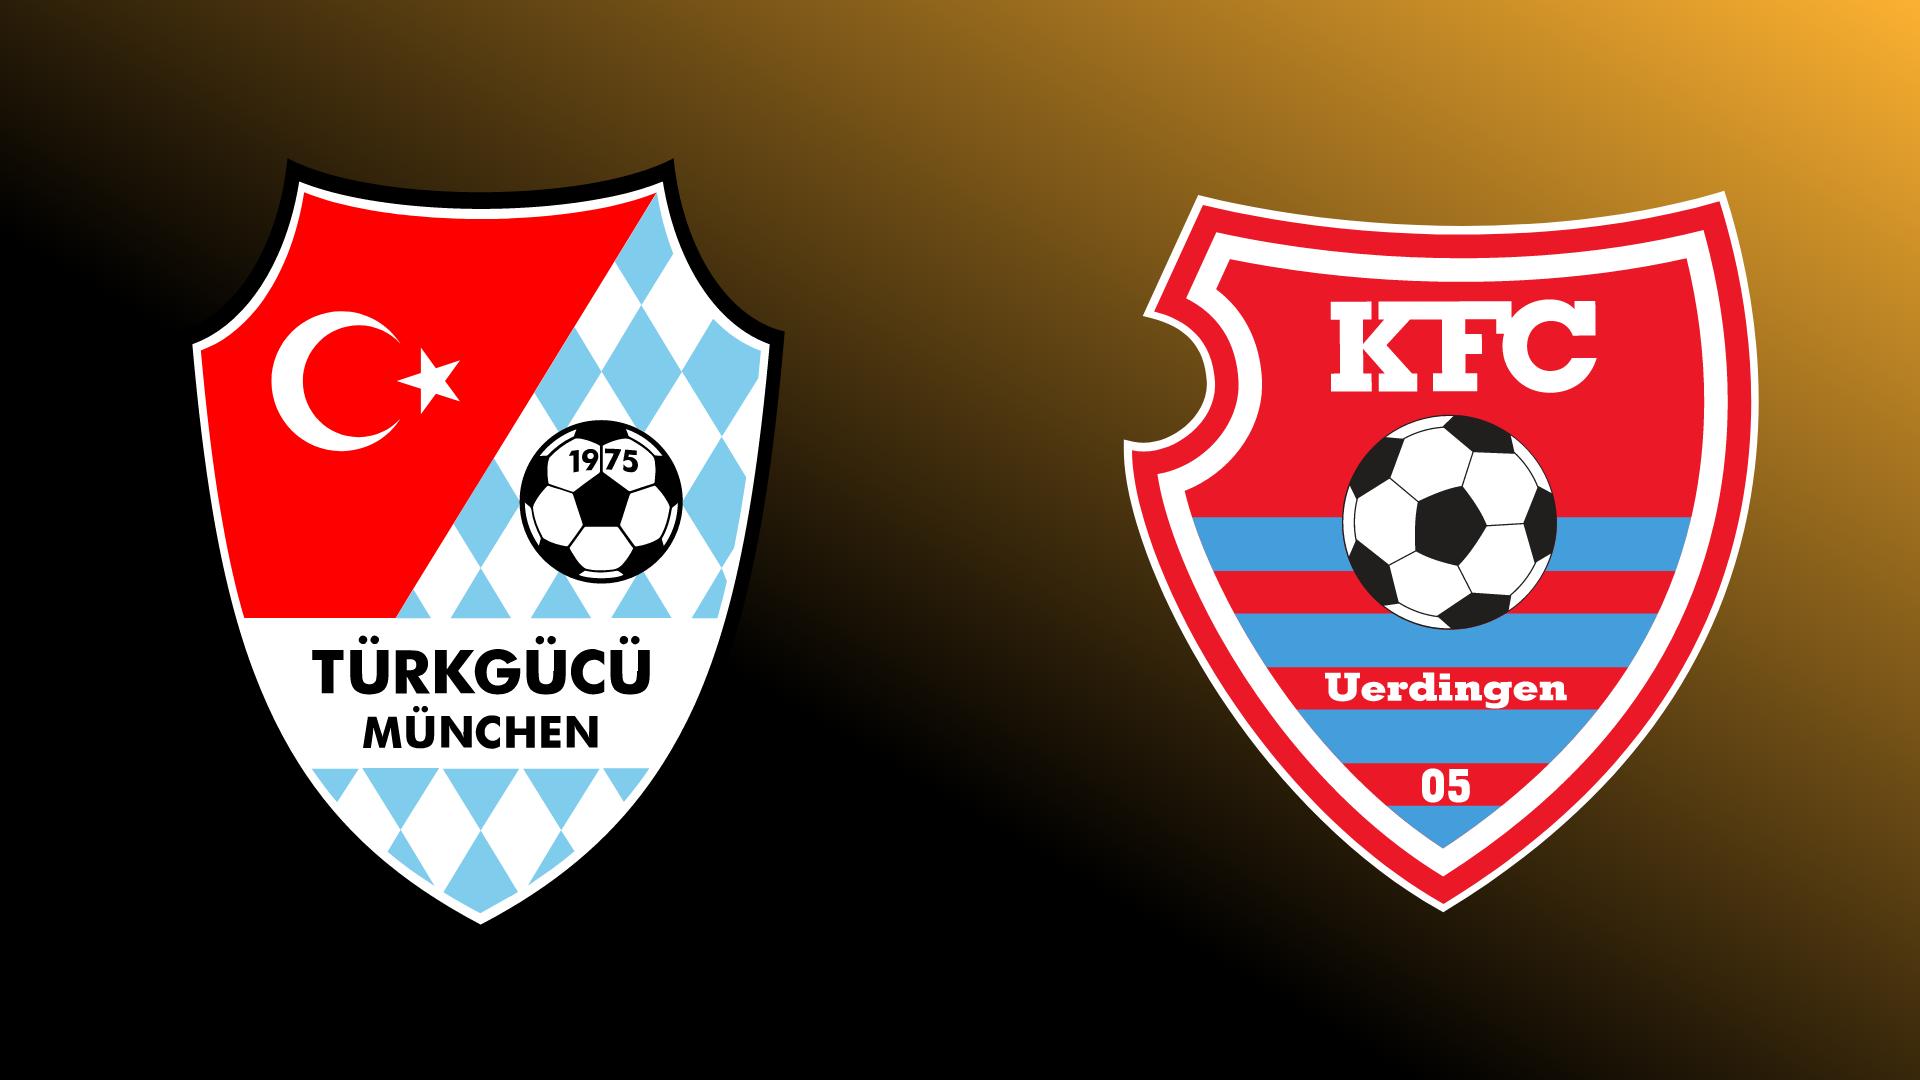 Türkgücü München - KFC Uerdingen 24.04.2021 um 13:45 Uhr auf Magenta Sport